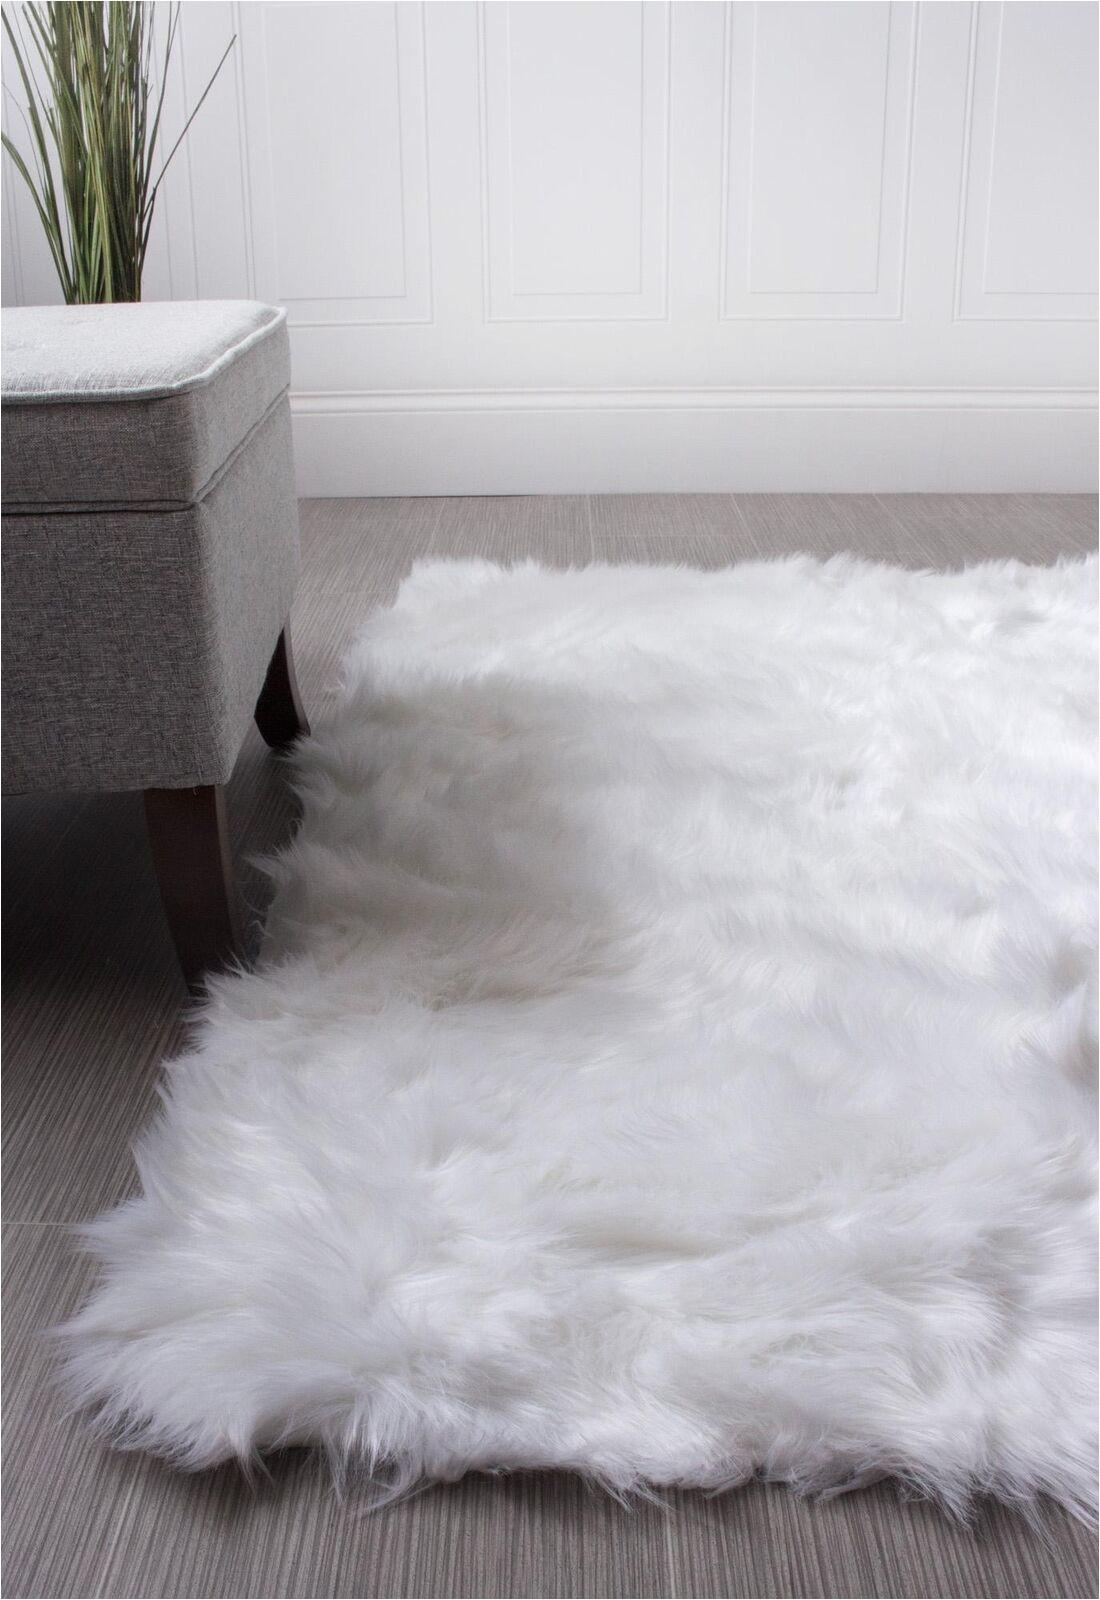 White Faux Sheepskin area Rug Super area Rugs Faux Fur Sheepskin Shag solid area Rug In White